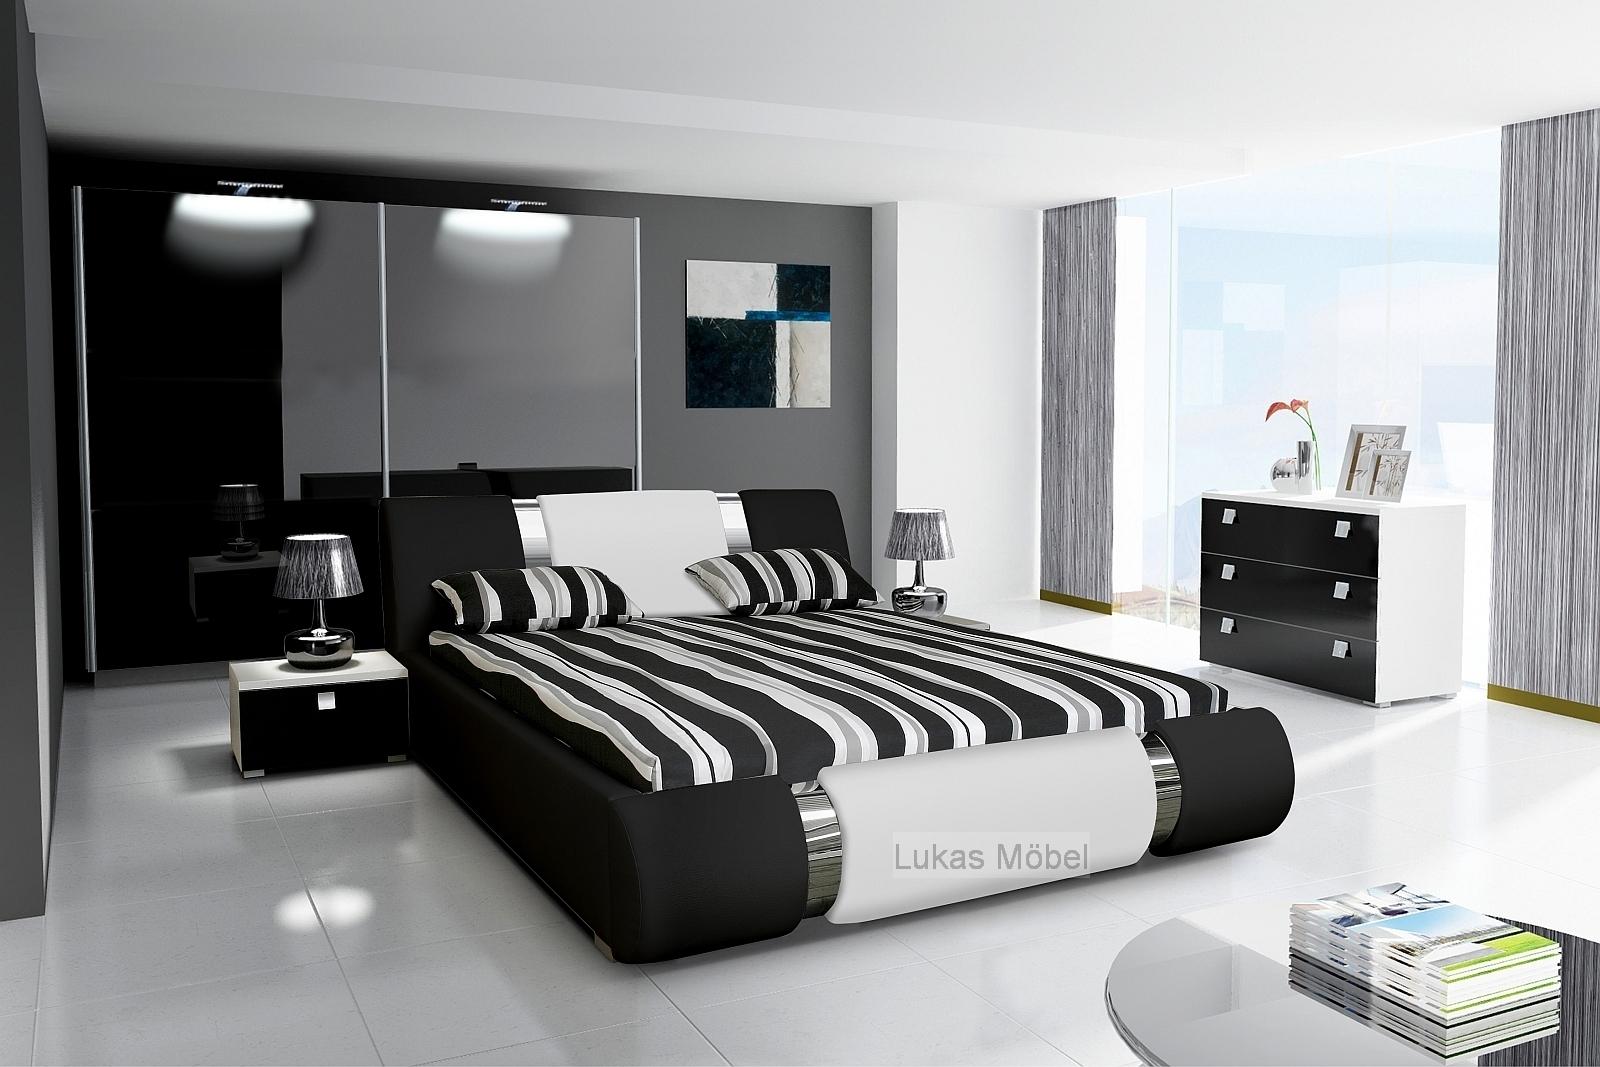 Komplett Schlafzimmer NOVALIS Hochglanz schwarz / weiß